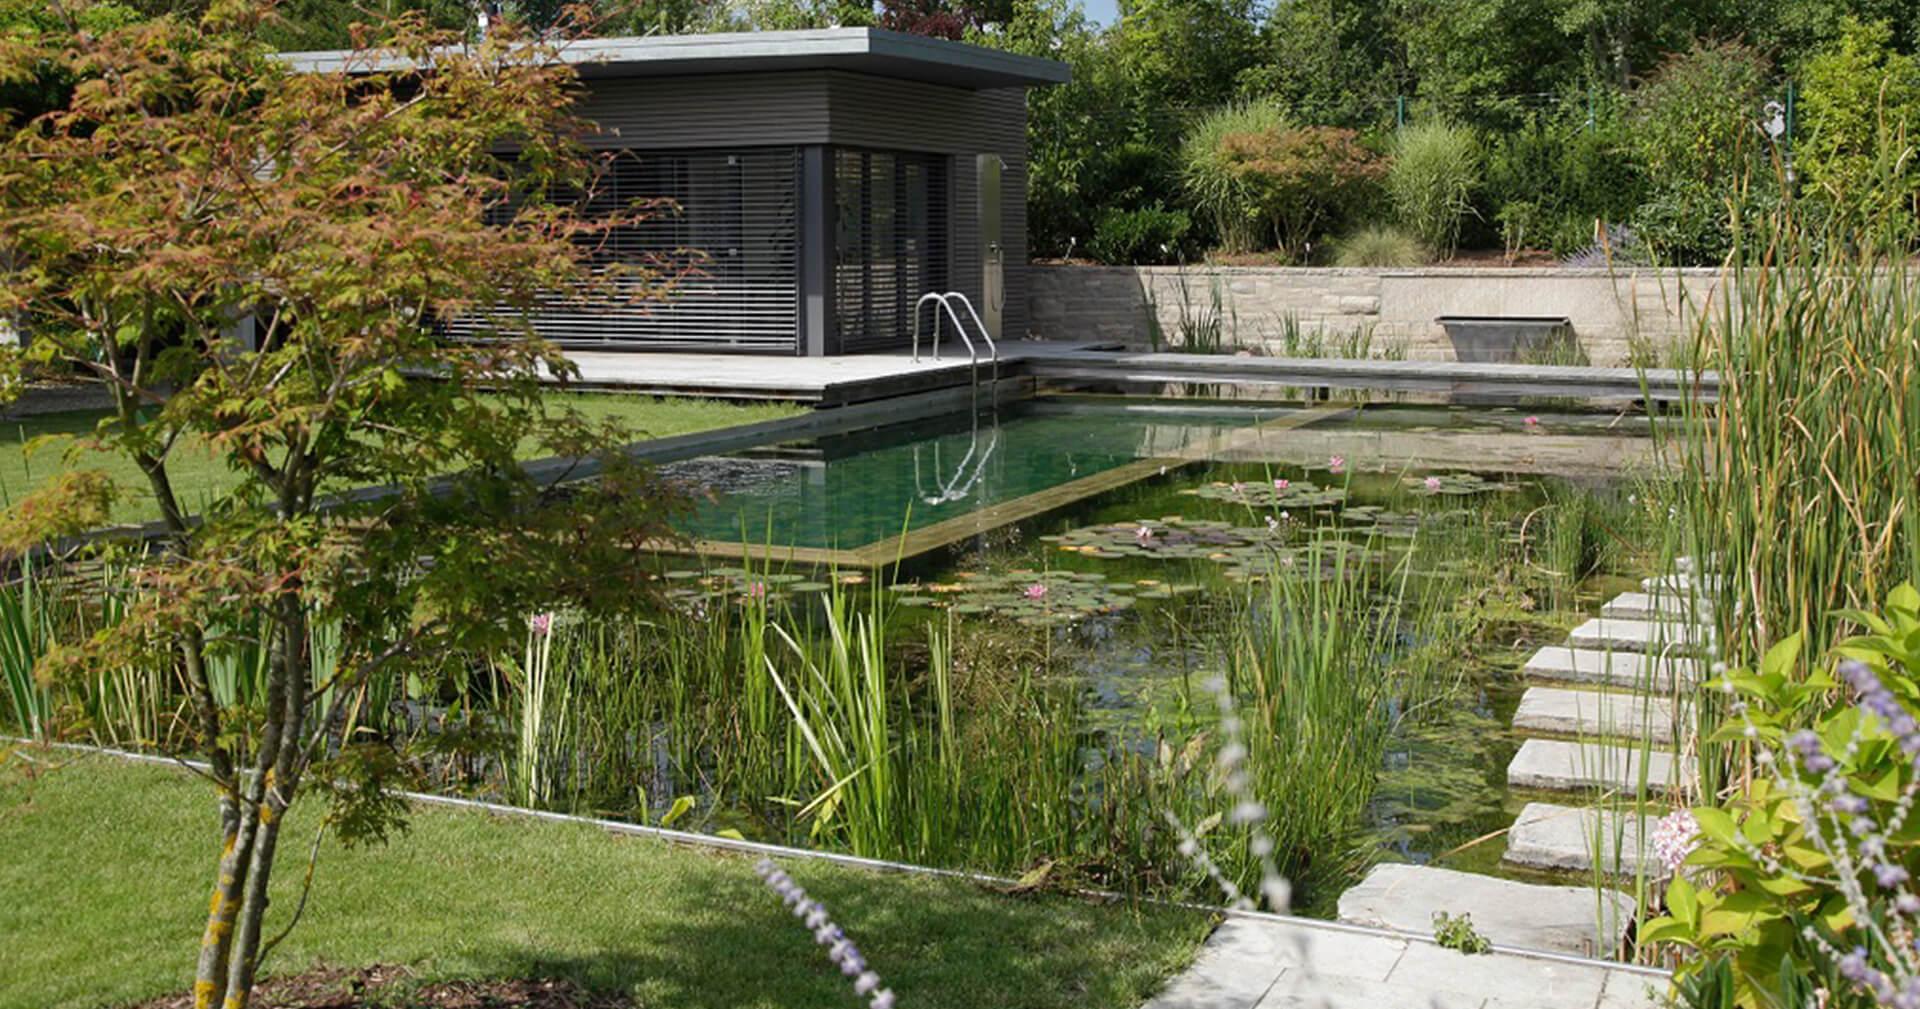 Zwemvijver in de tuin met loopstenen en een waterval